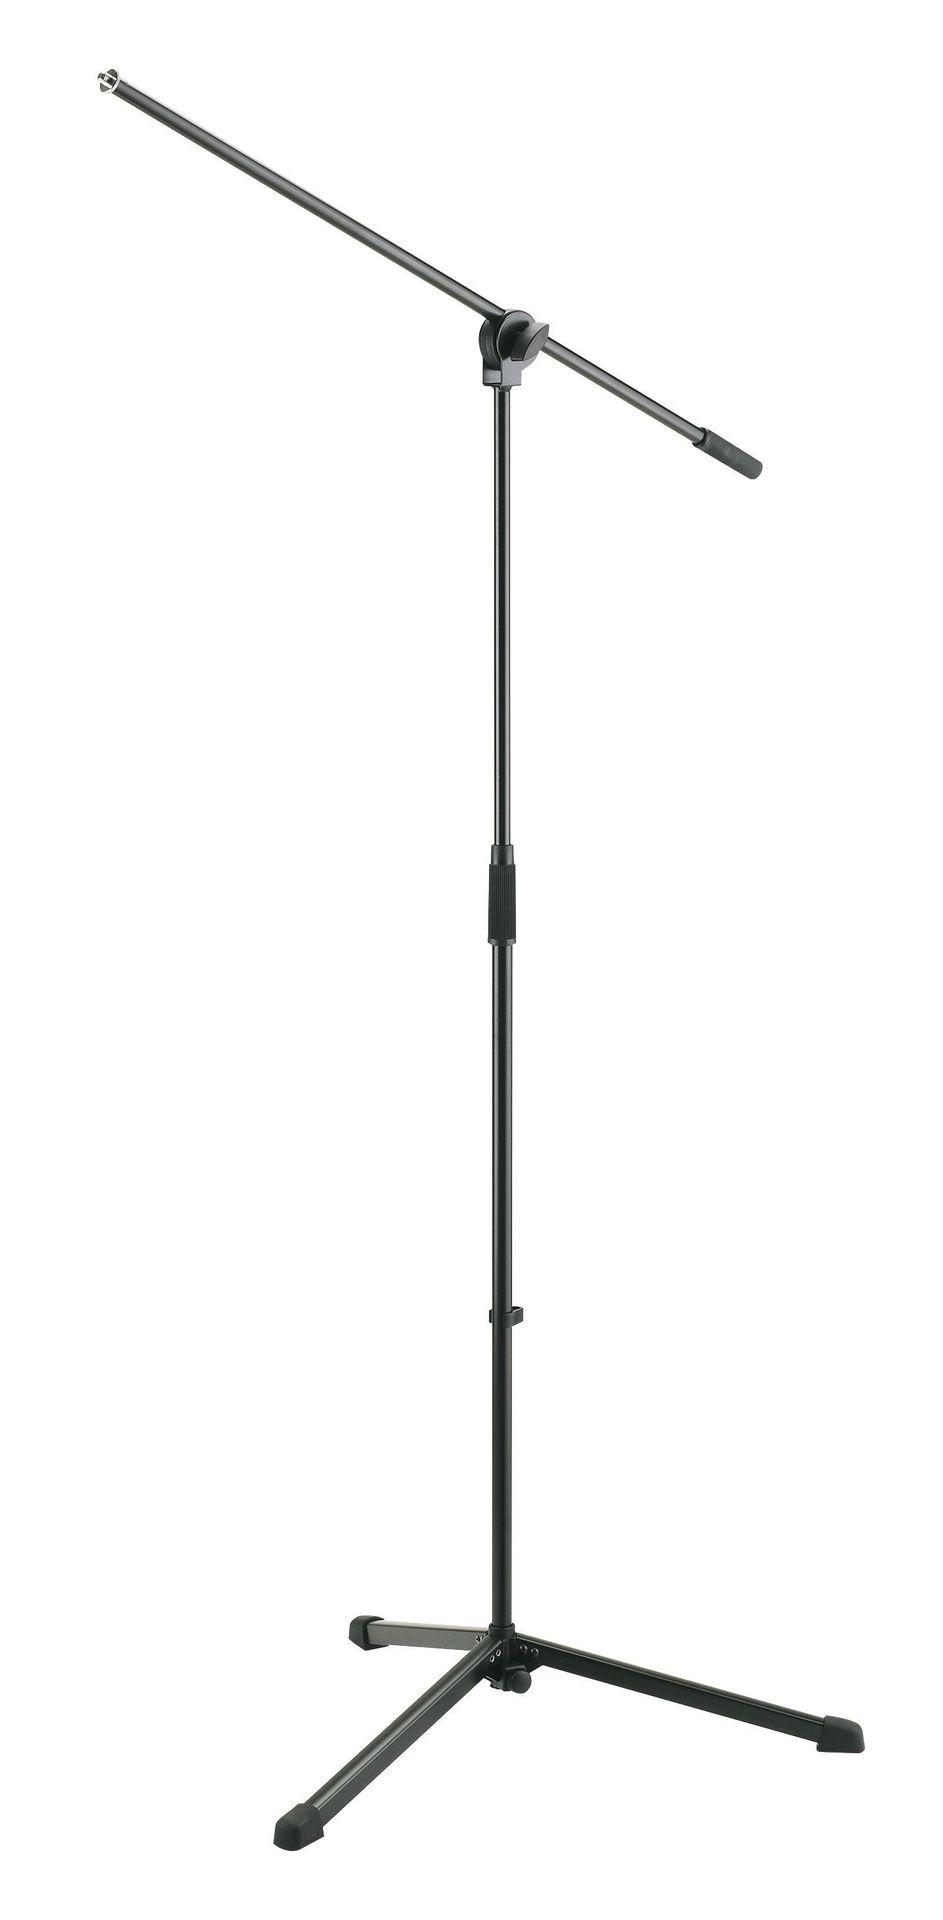 K&M 25400 Mikrofonstativ mit Galgen, einfache Ausführung, schwarz